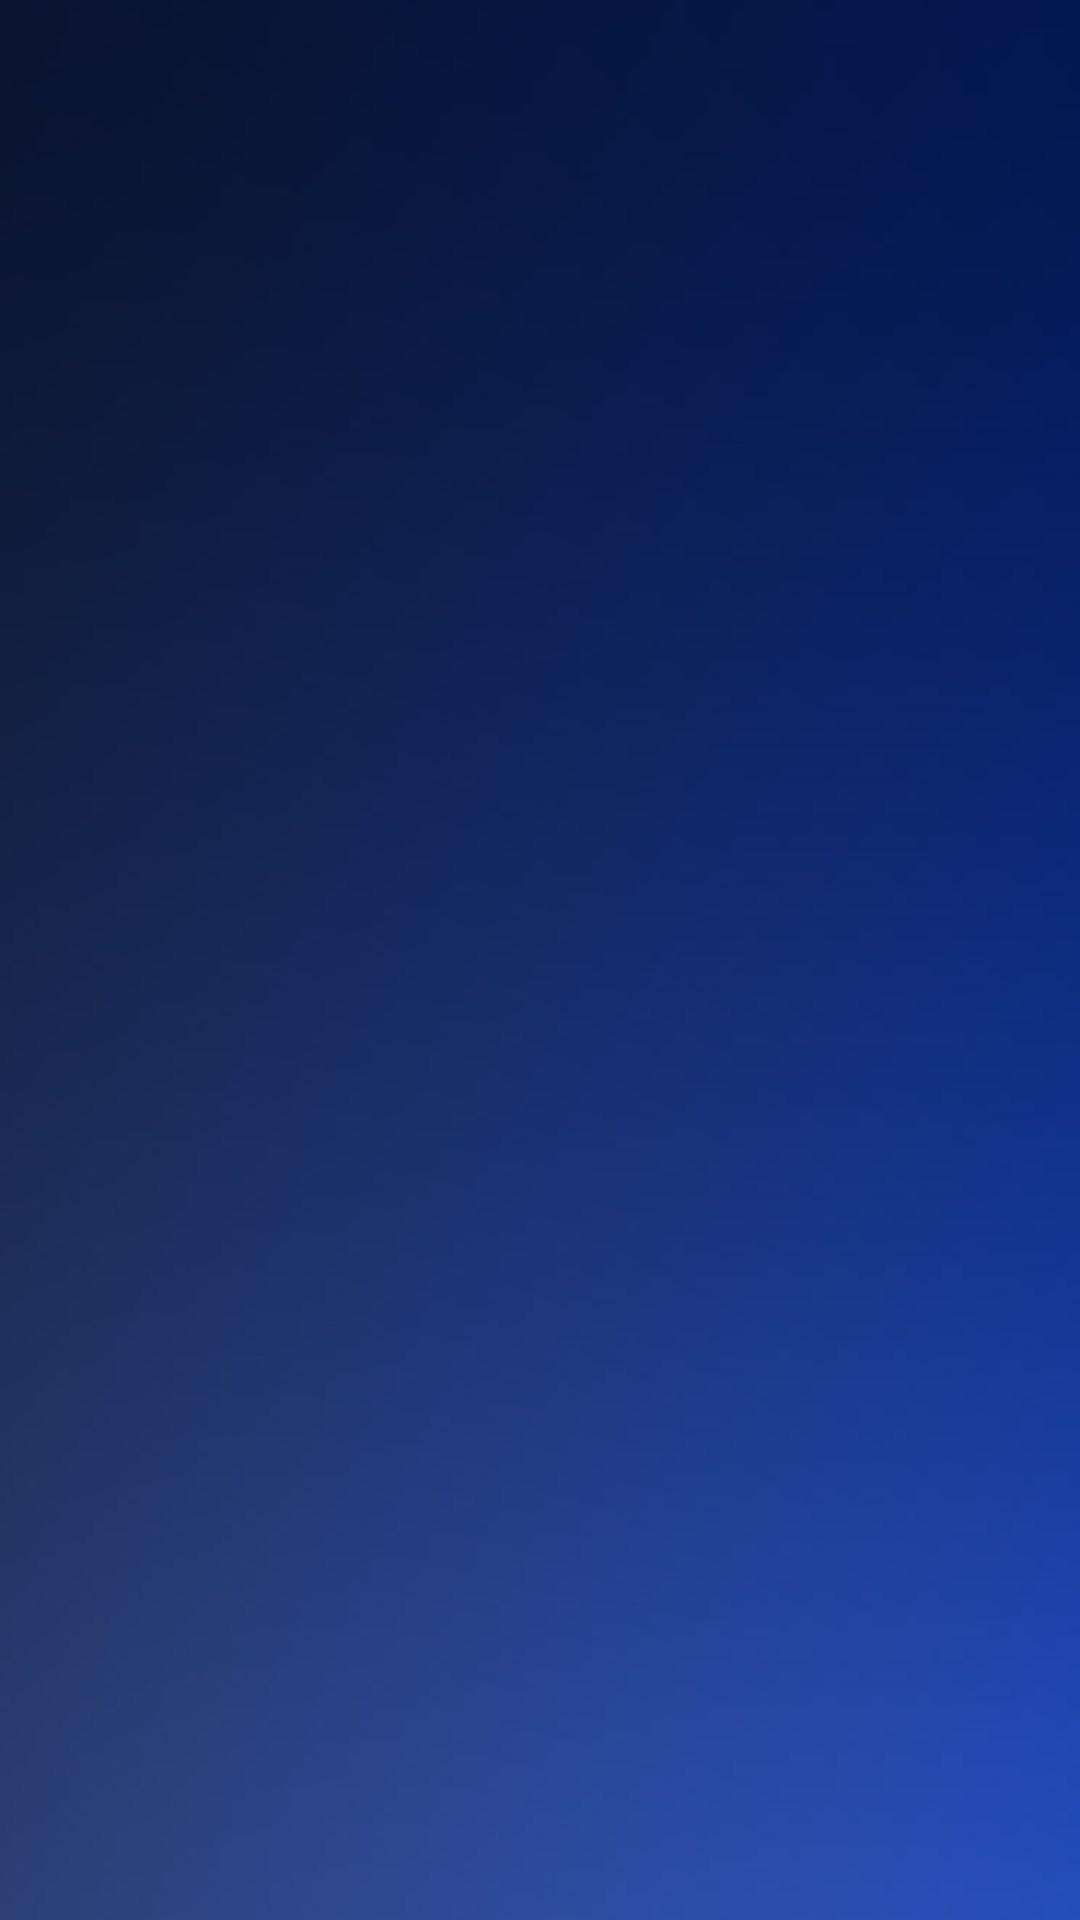 Fondo Azul Fondos De Colores Fondo De Pantalla Para Iphone 5s